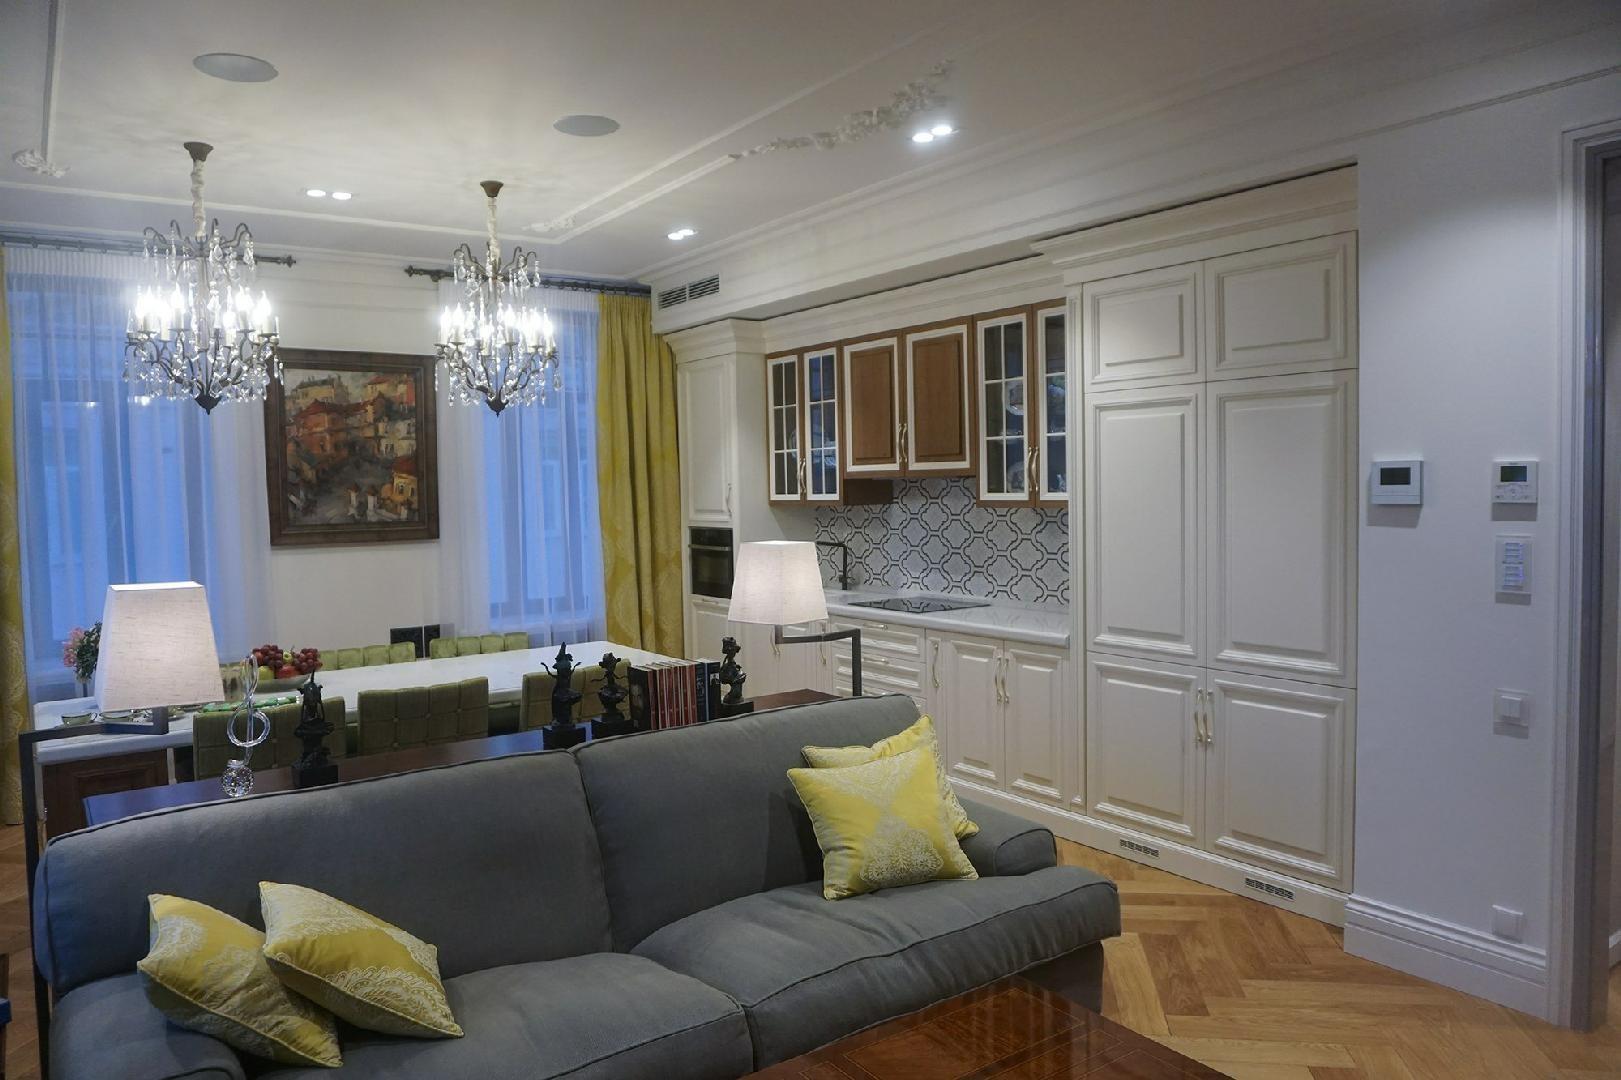 Недвижимость Надежды Бабкиной: где проживает артистка